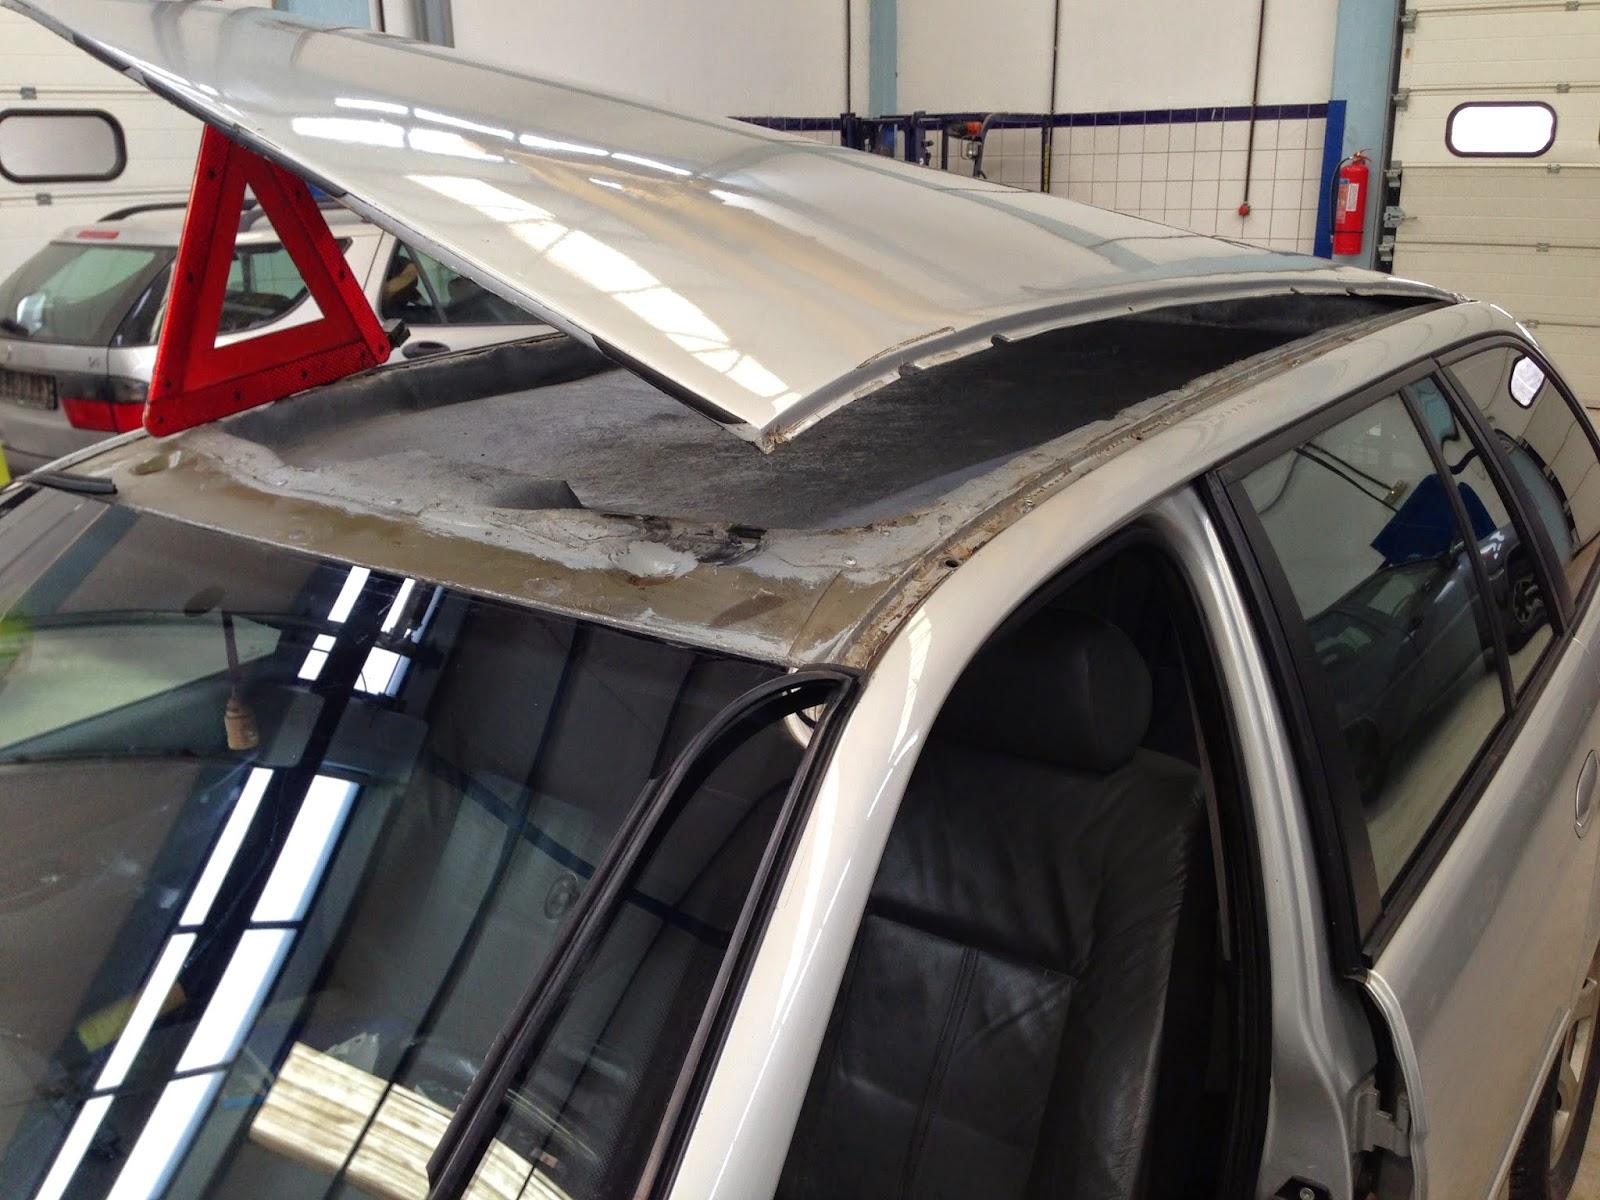 Σύλληψη στην Κρυσταλλοπηγή: Κατασχέθηκαν πάνω από 20 κιλά κάνναβης που έκρυψαν στην οροφή του αυτοκινήτου